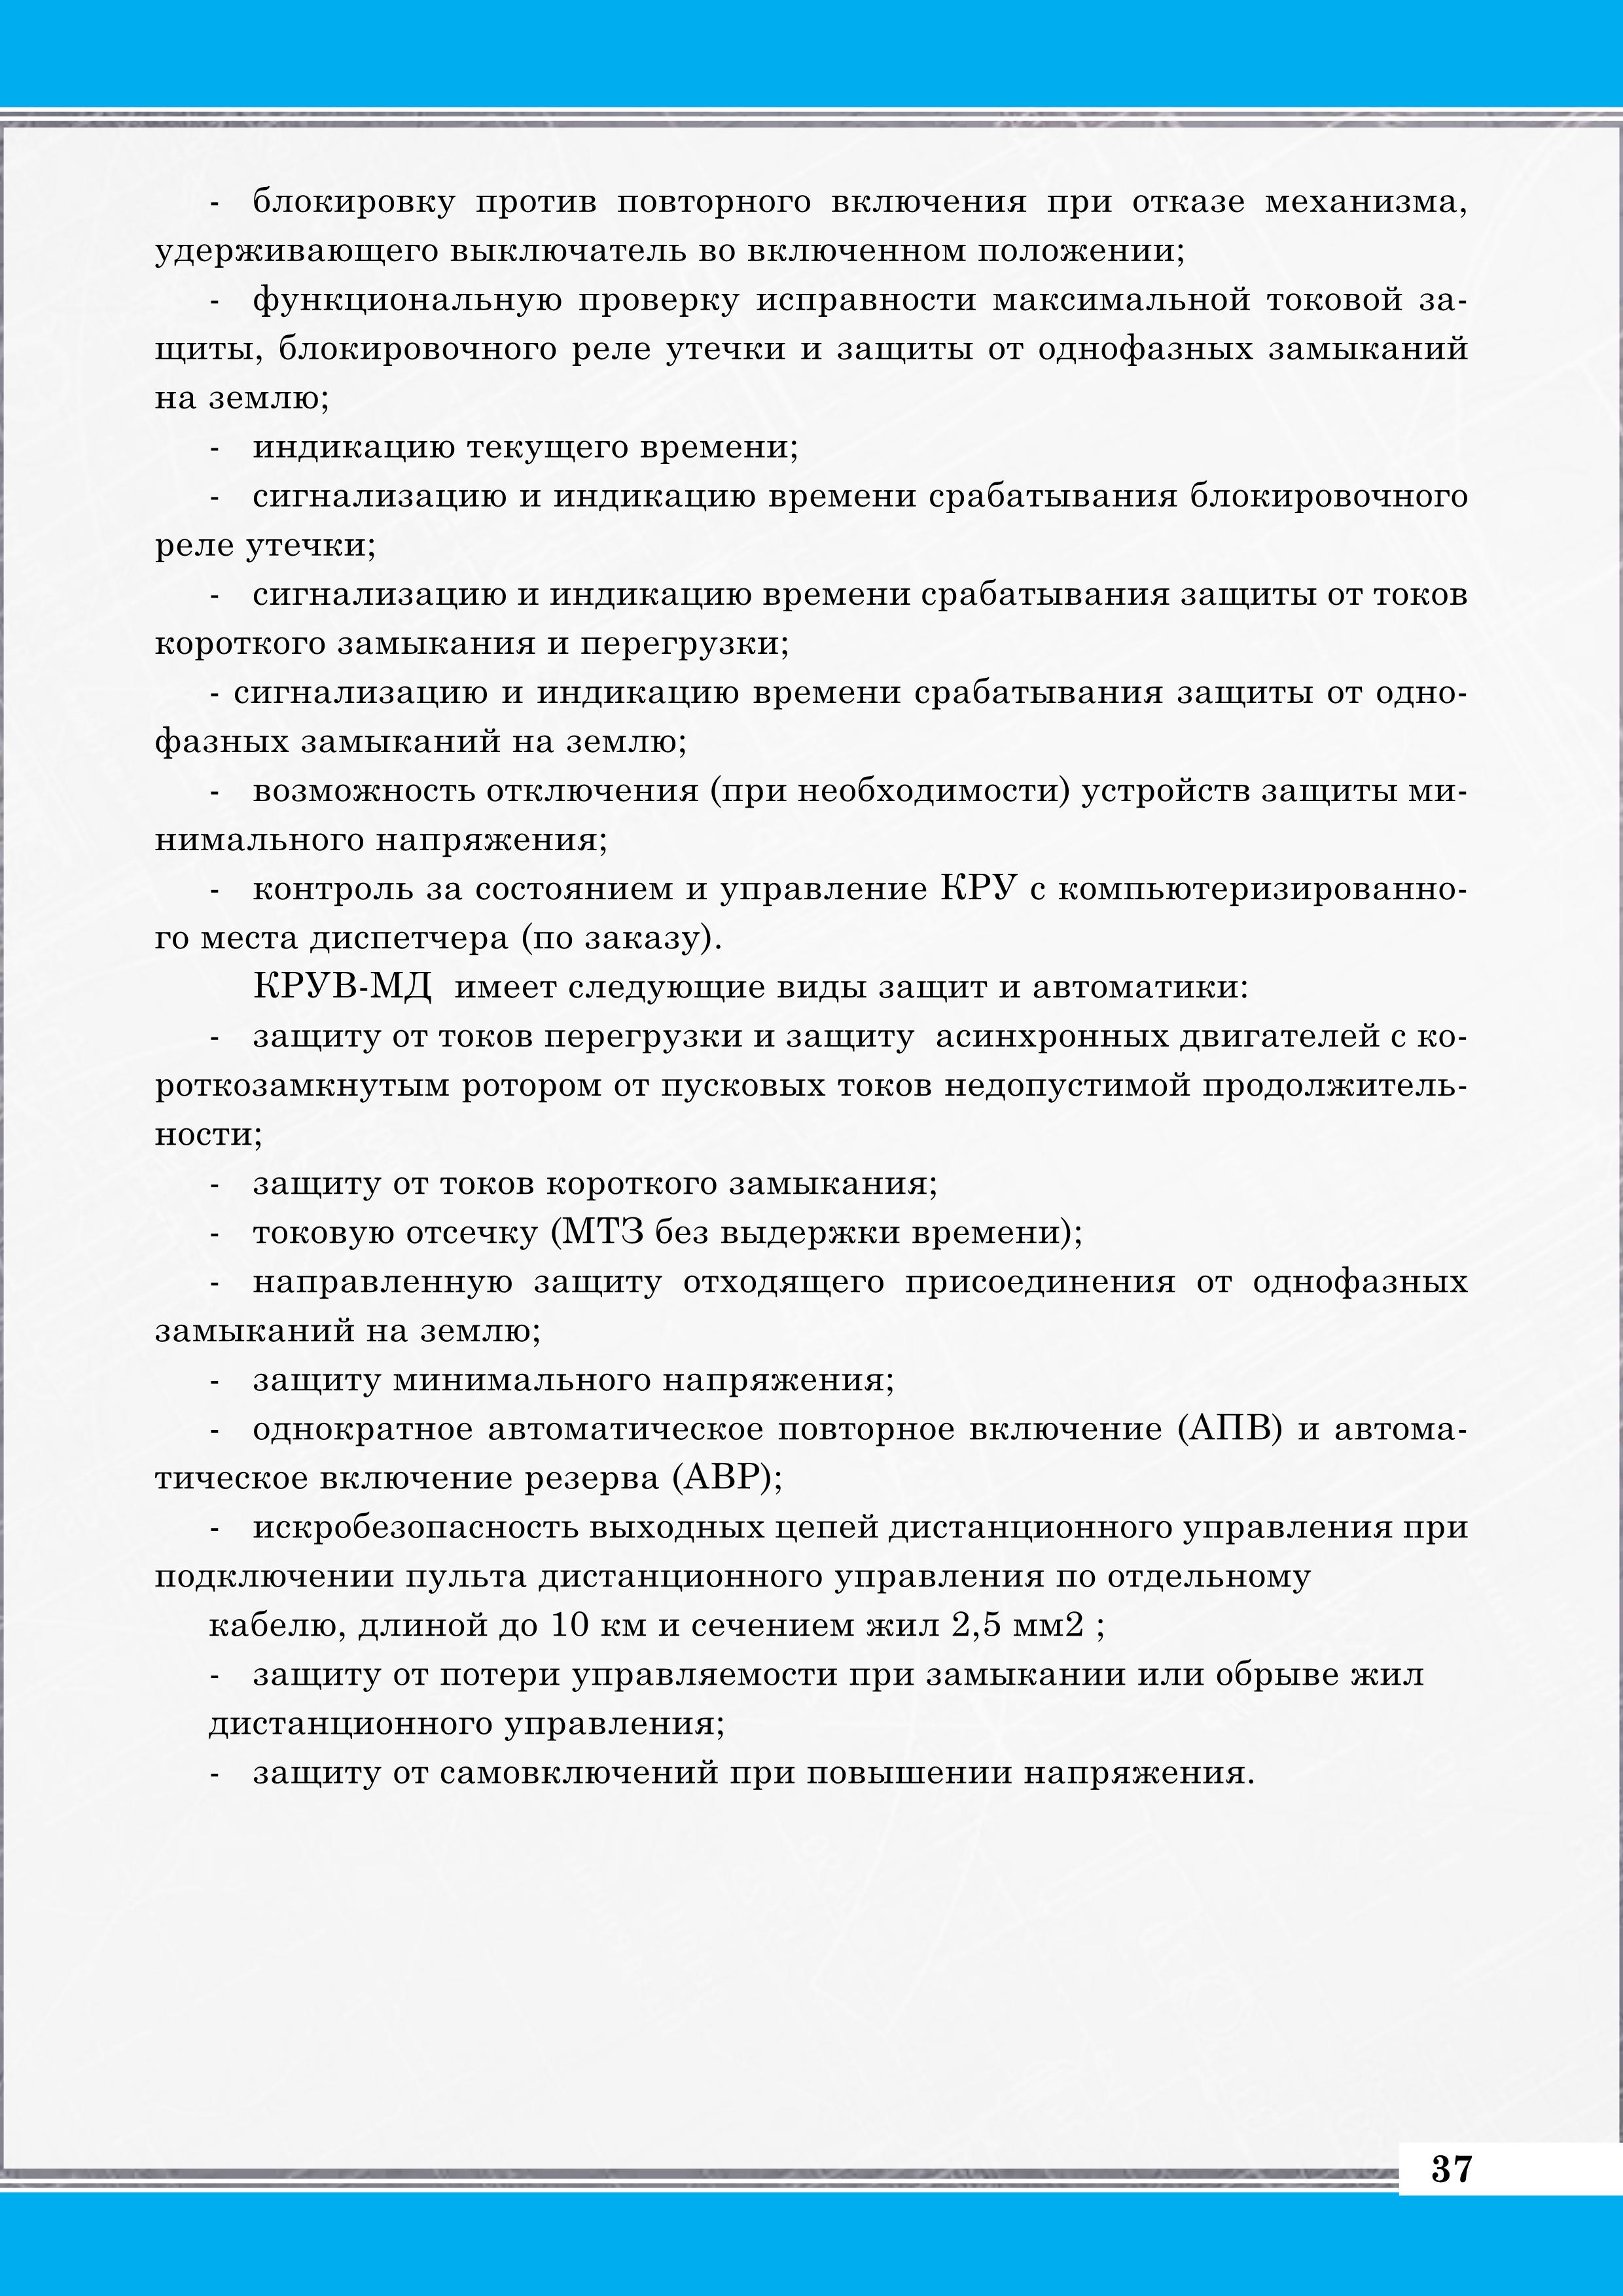 Каталог ДонЭнергоЗавод 2018г._37